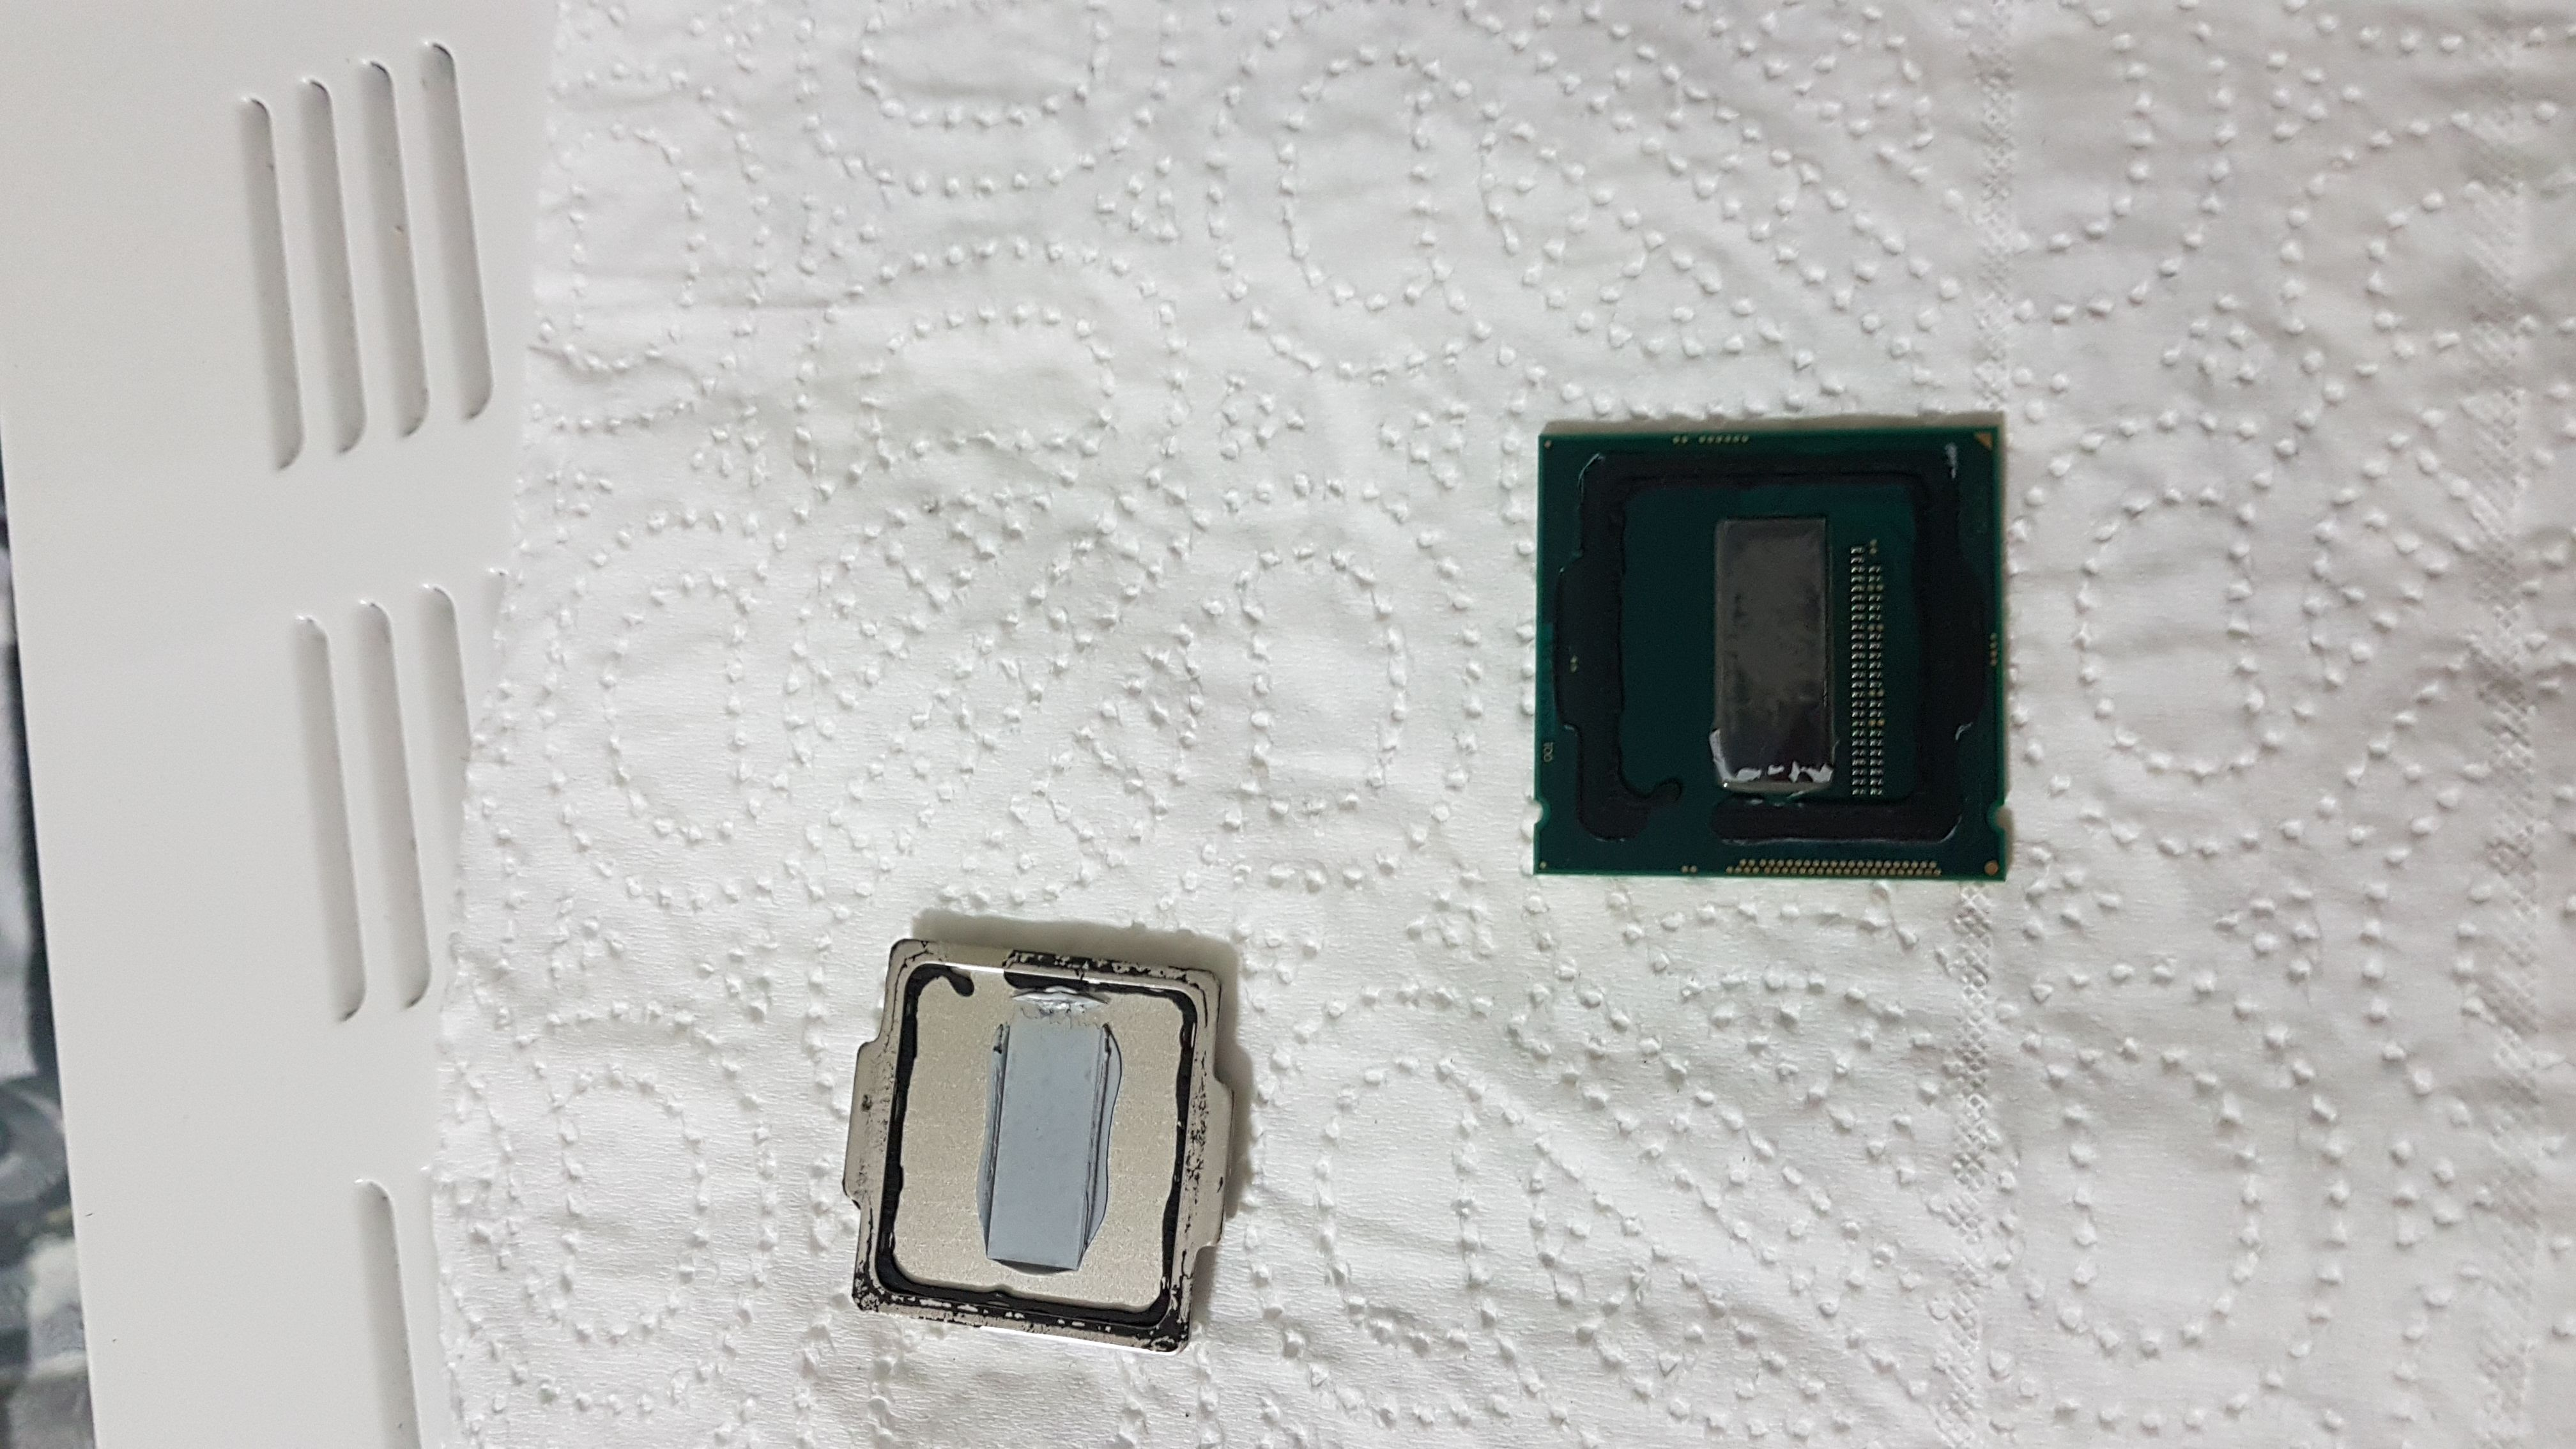 La CPU appena scoperchiata e piena di residui di pasta termica e silicone